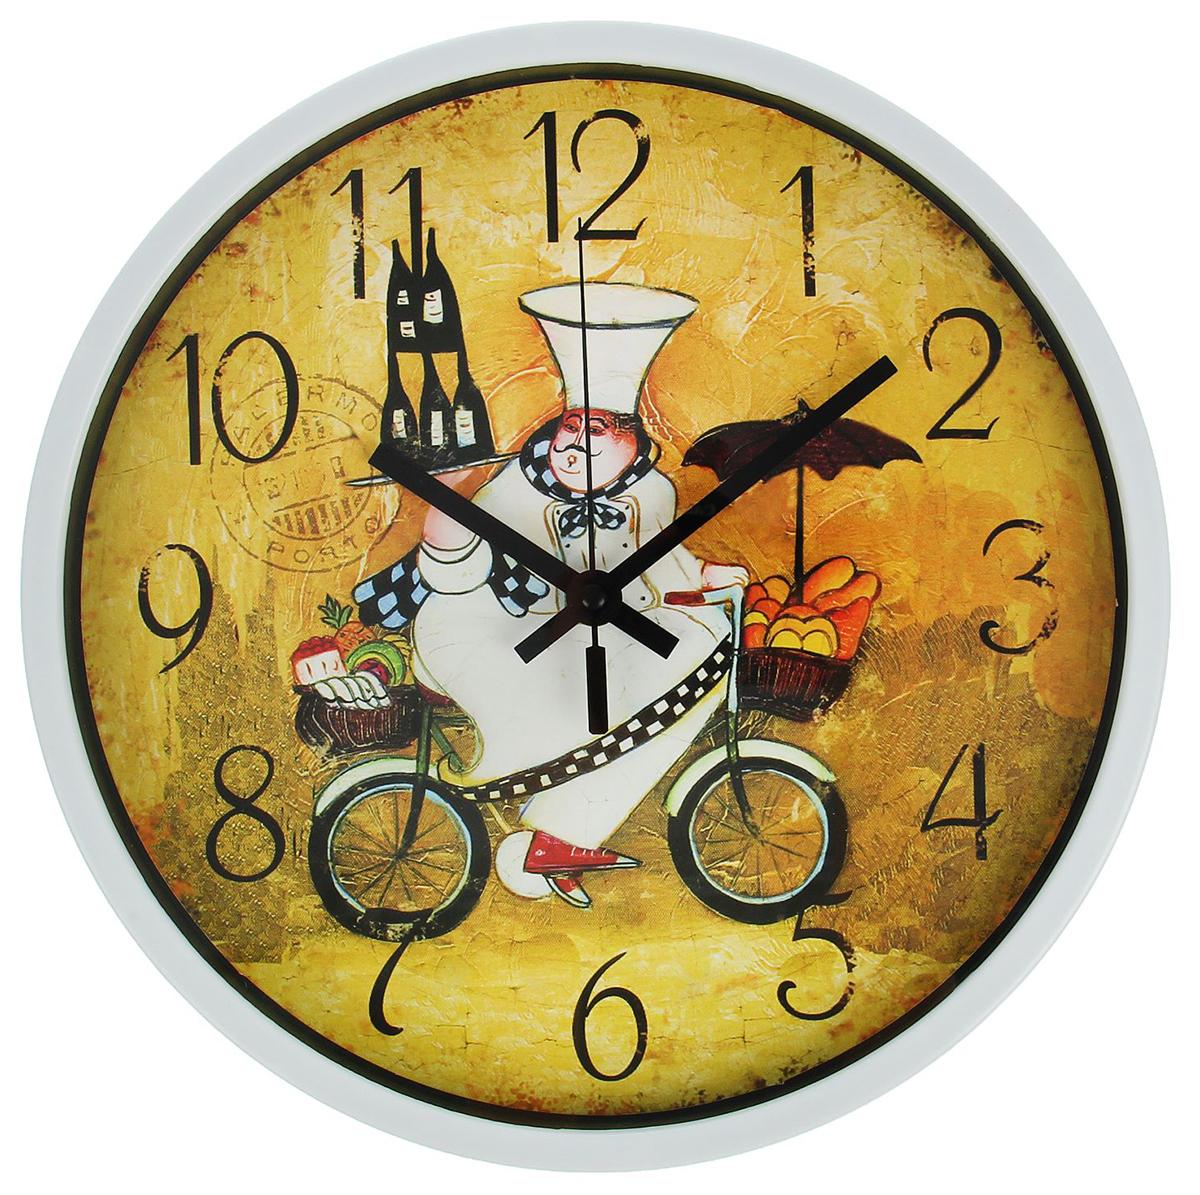 Часы настенные Повар на велосипеде, диаметр 30 см2364709Каждому хозяину периодически приходит мысль обновить свою квартиру, сделать ремонт, перестановку или кардинально поменять внешний вид каждой комнаты. — привлекательная деталь, которая поможет воплотить вашу интерьерную идею, создать неповторимую атмосферу в вашем доме. Окружите себя приятными мелочами, пусть они радуют глаз и дарят гармонию.Часы настенные круг, Повар на велосипеде, d=30см 2364709